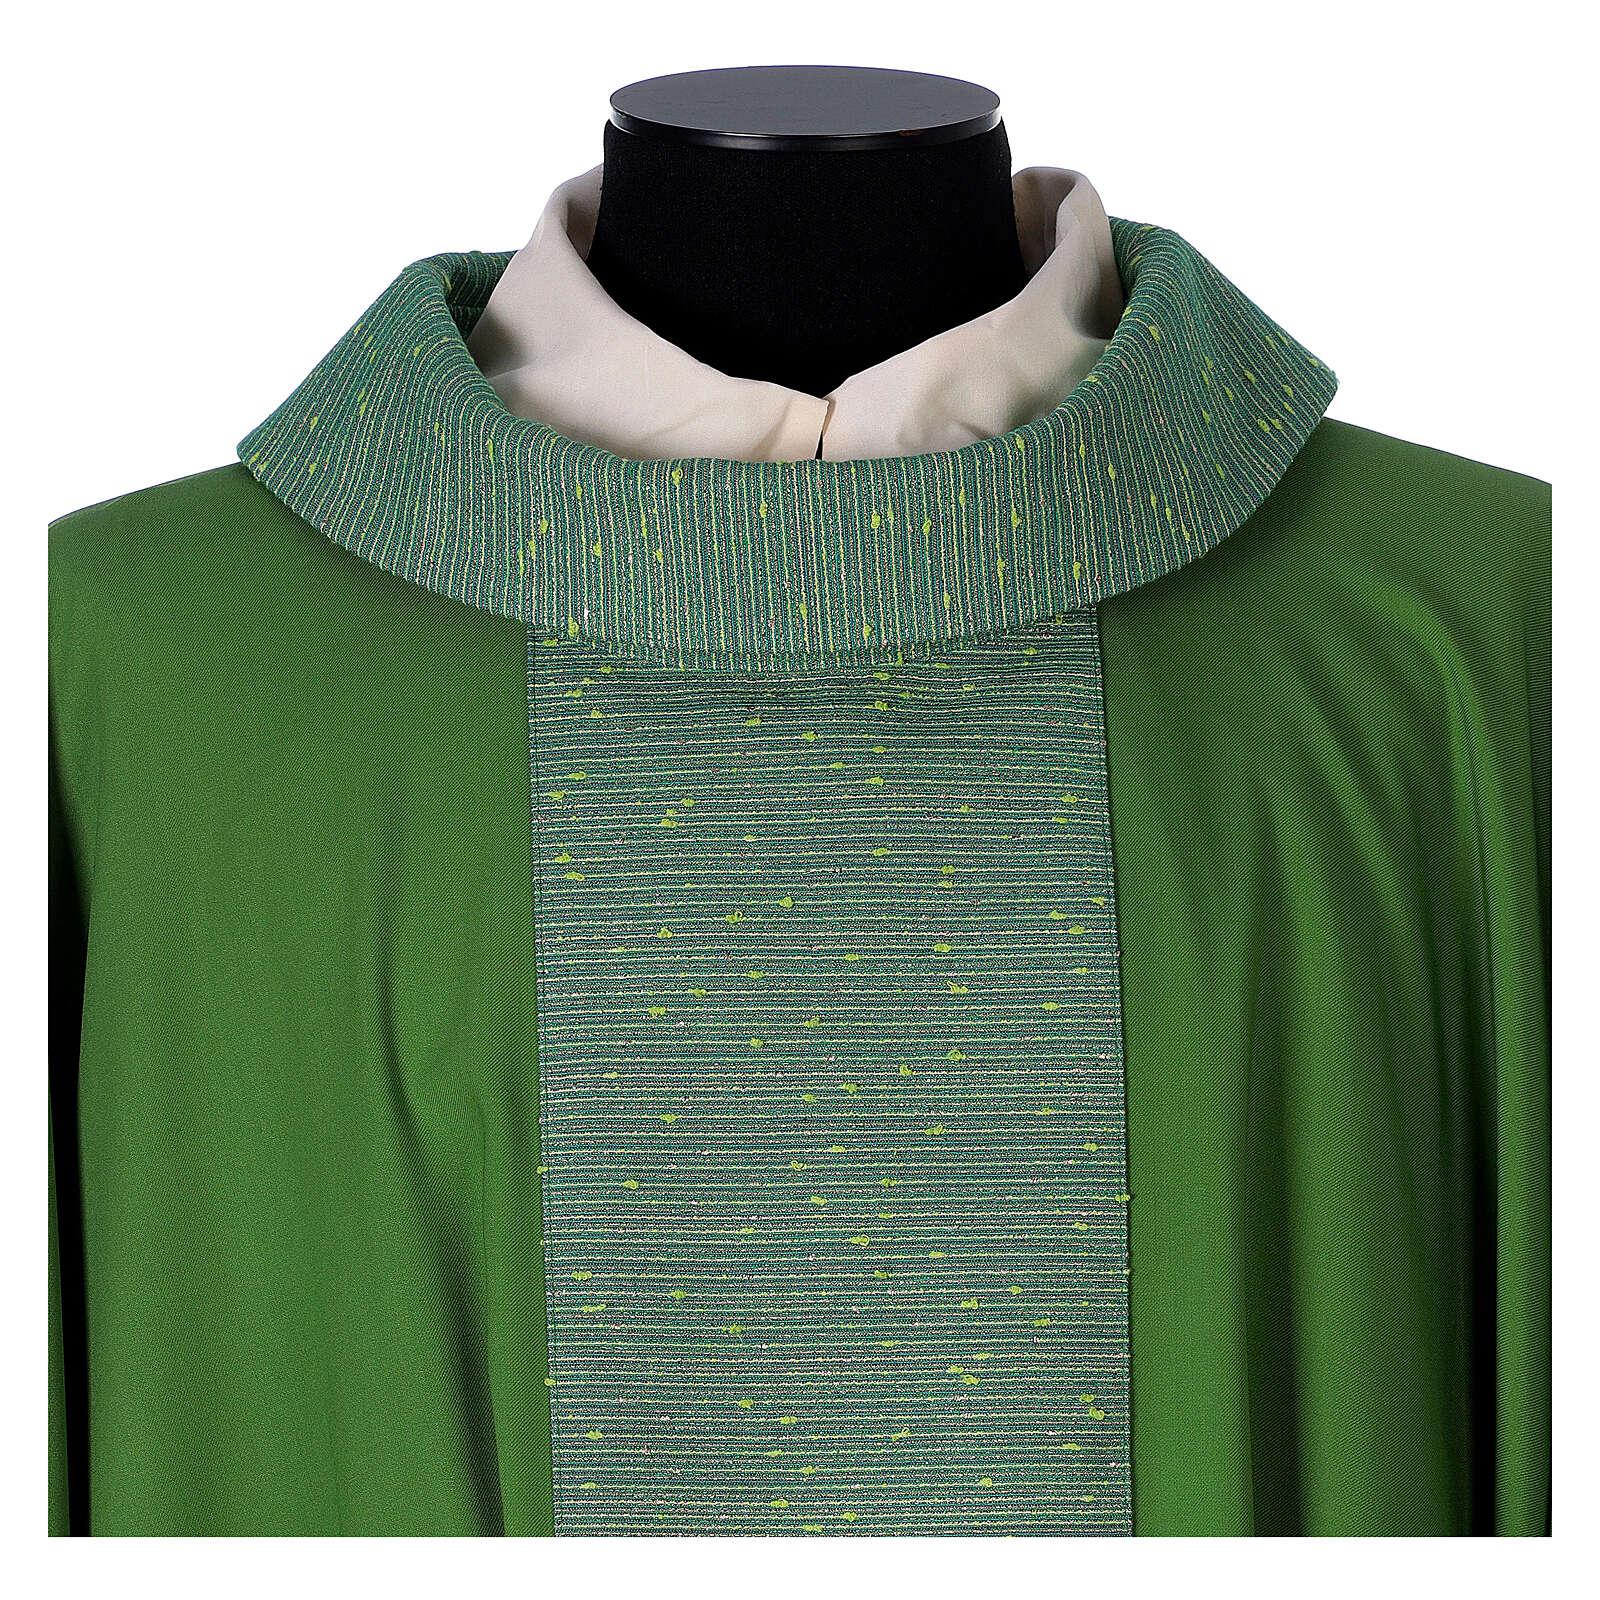 Casula 100% pura lana e riporto 100% in pura seta 4